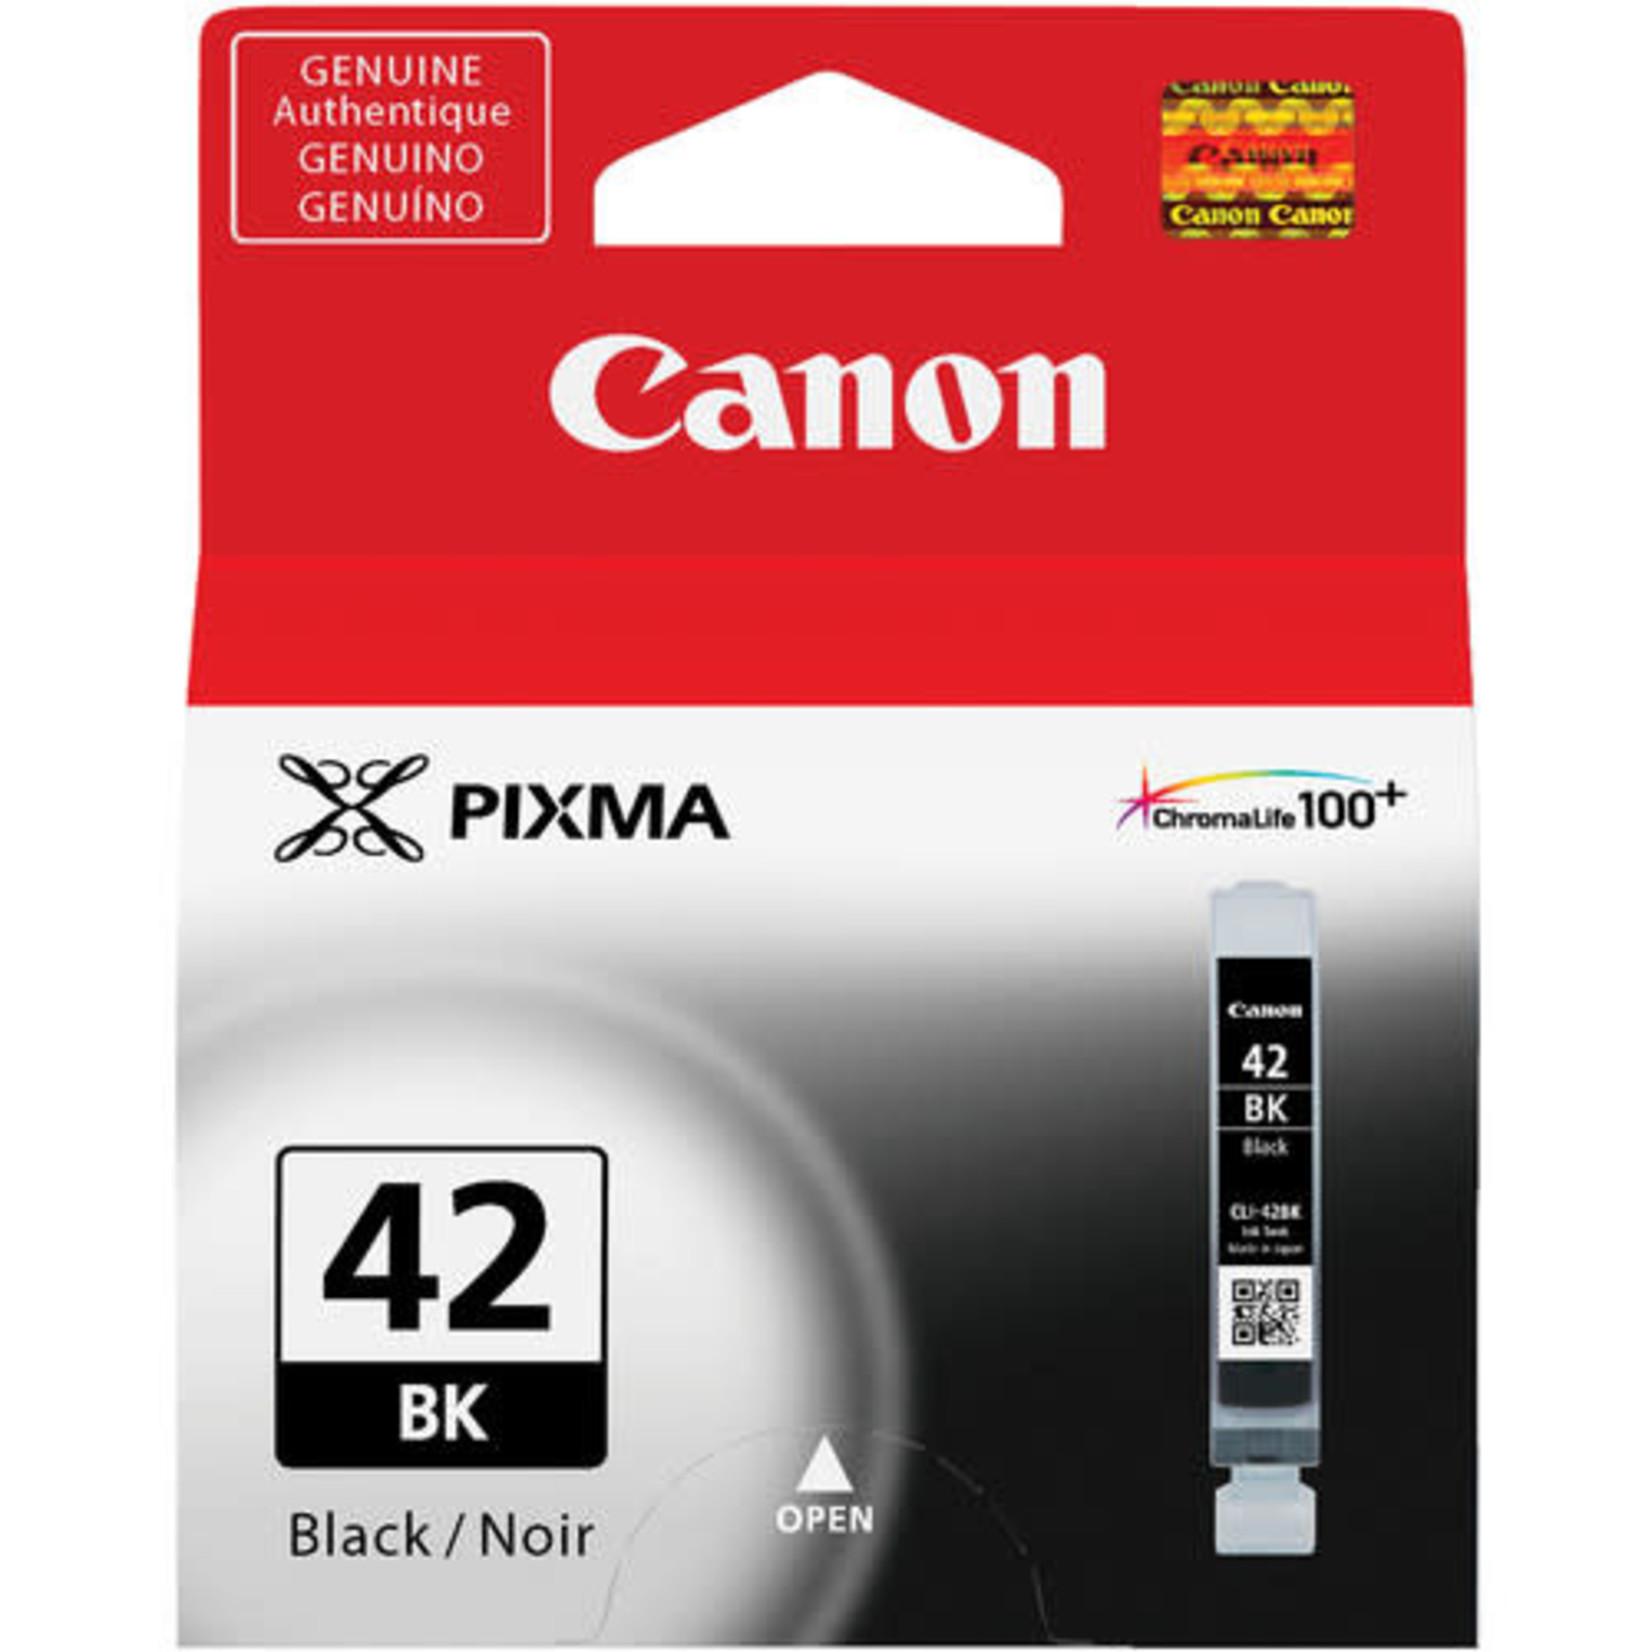 Canon Canon CLI-42 Black Ink Cartridge